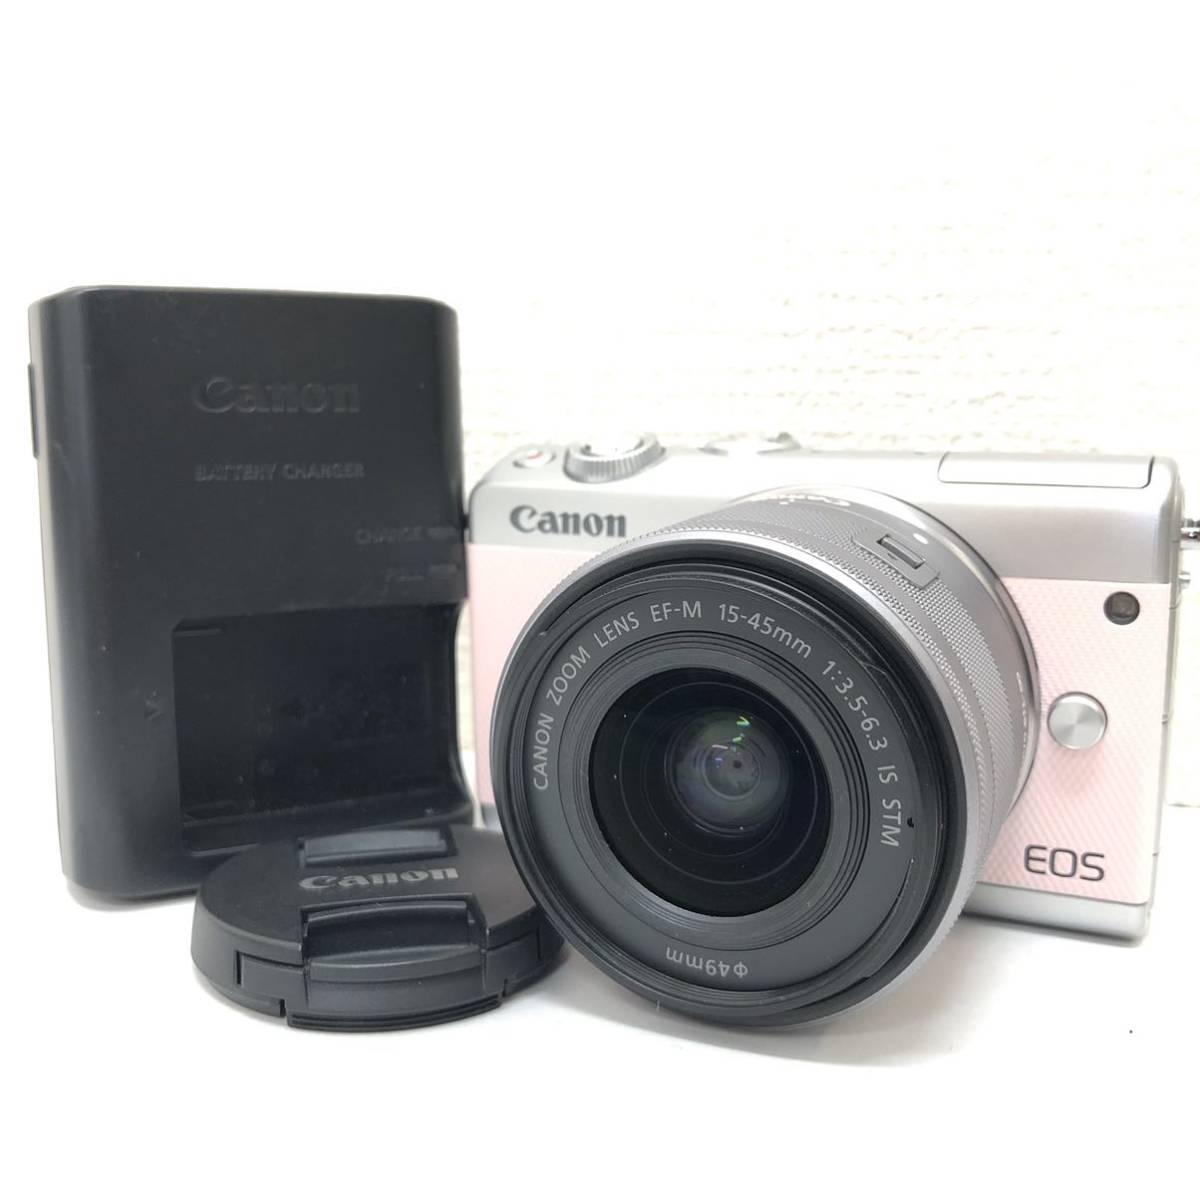 【オススメ】☆Canon(キャノン) EOS M100 リミテッドピンク ミラーレス一眼☆ デジタルカメラ/美品/お買い得/EF-M 15-45mm/DD5